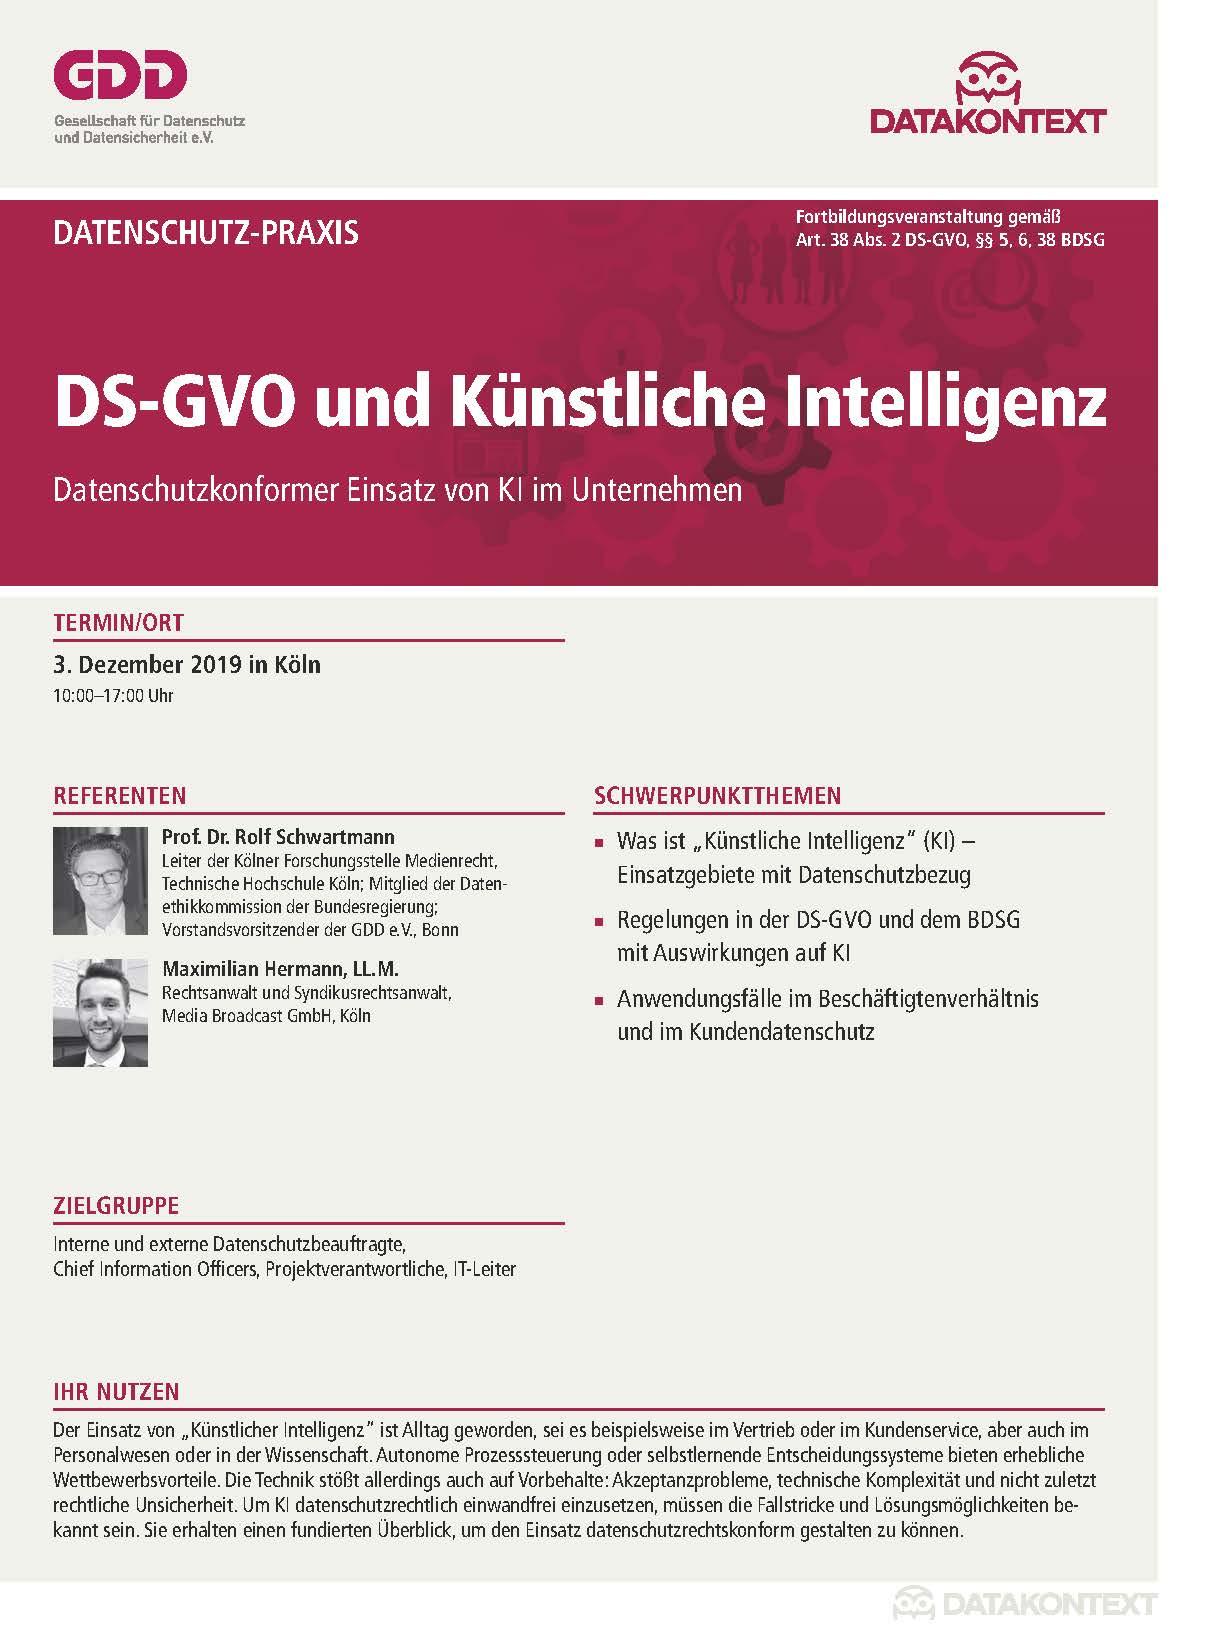 DS-GVO und Künstliche Intelligenz